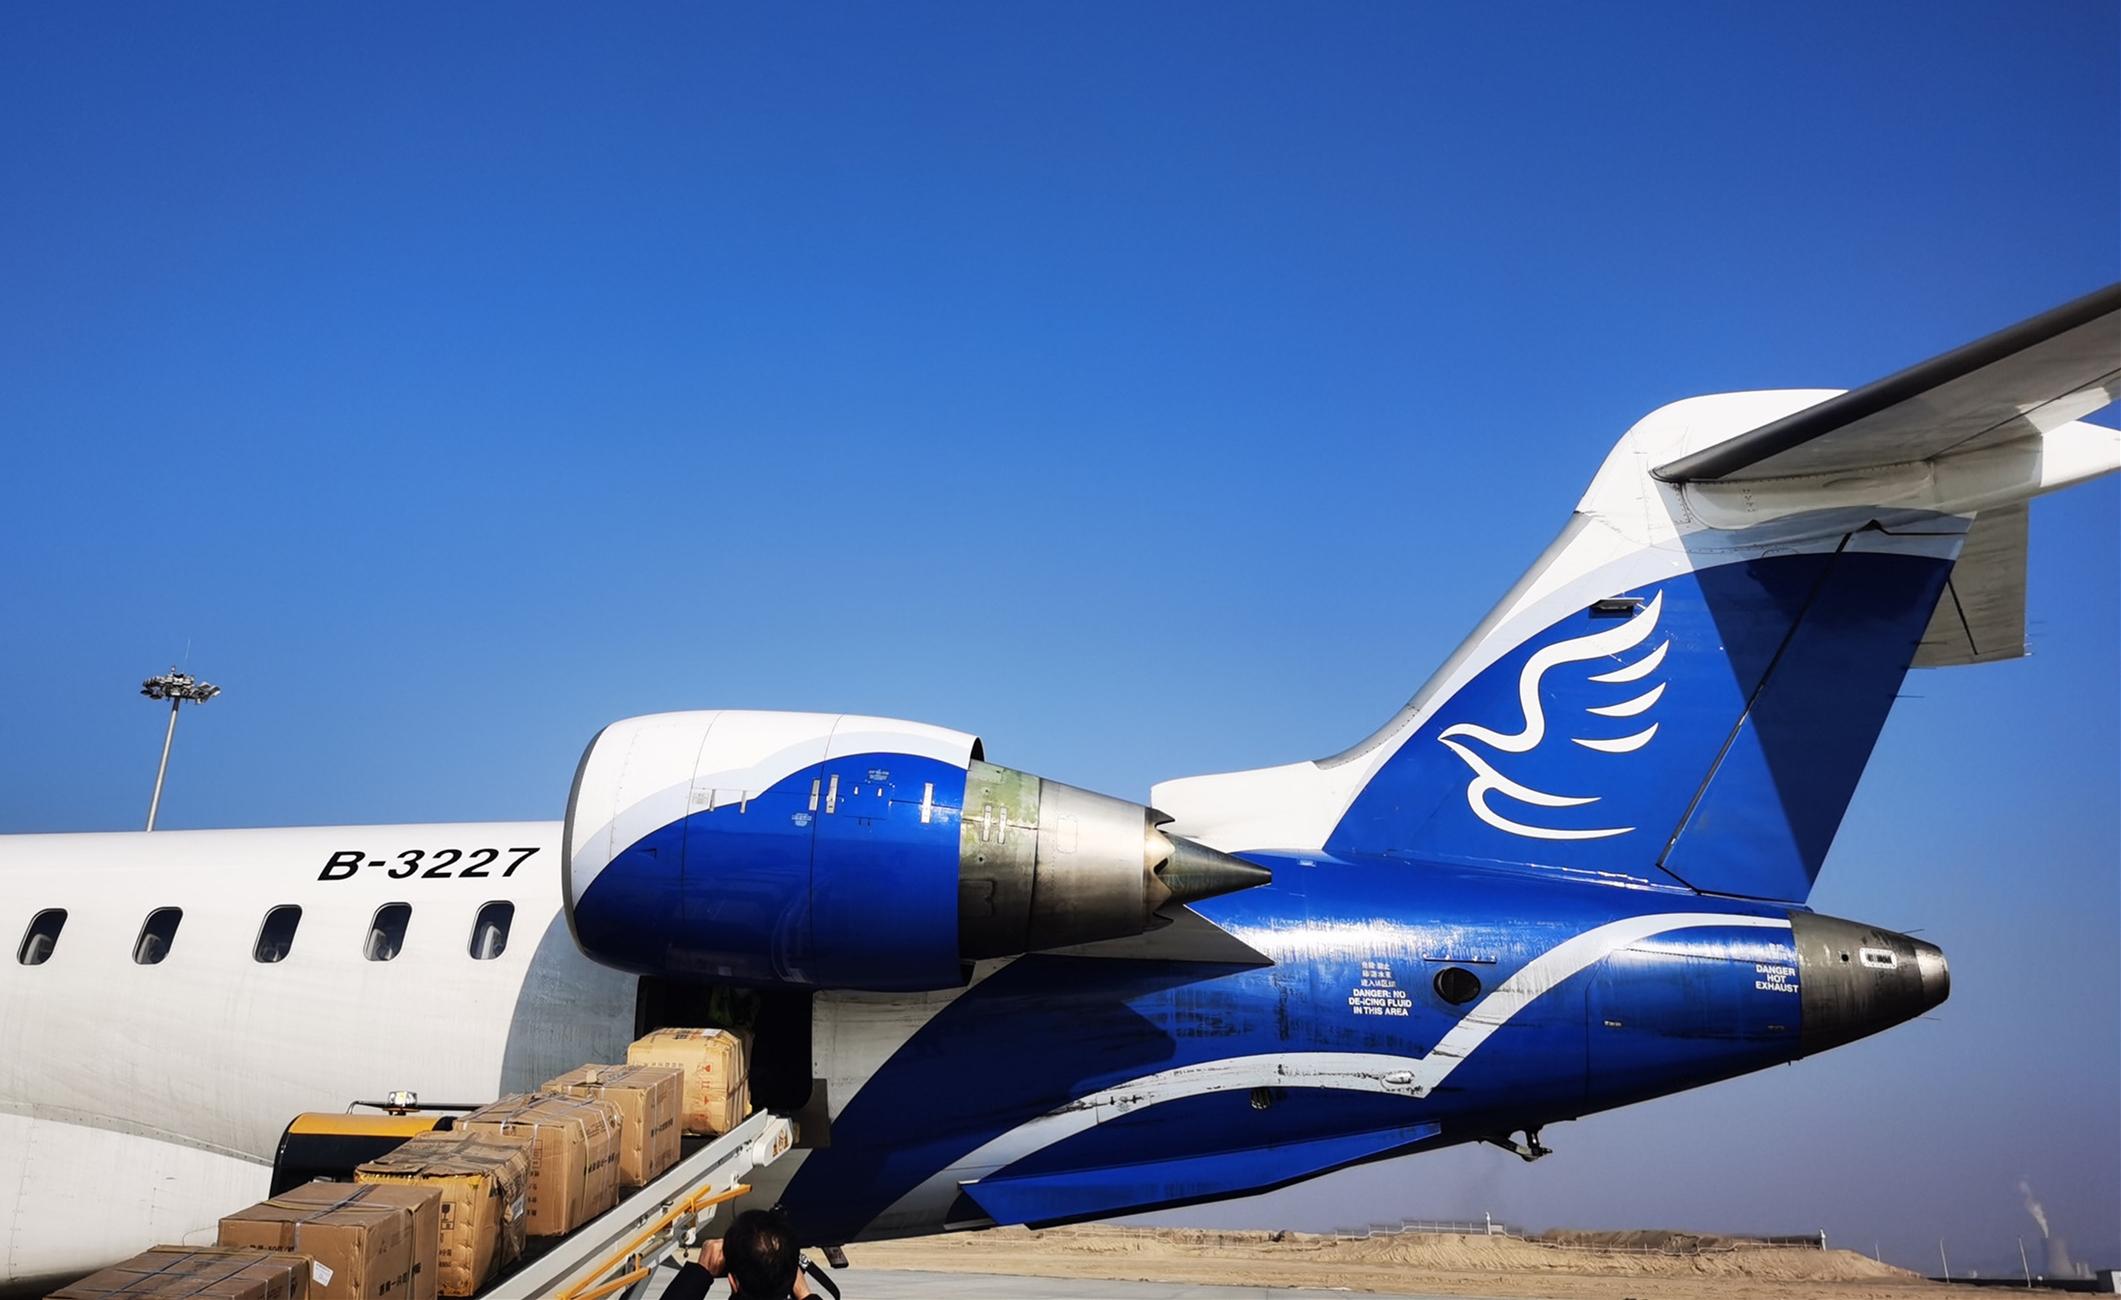 208箱医用防护物资从库尔勒机场发往乌鲁木齐,用于支援抗击疫情